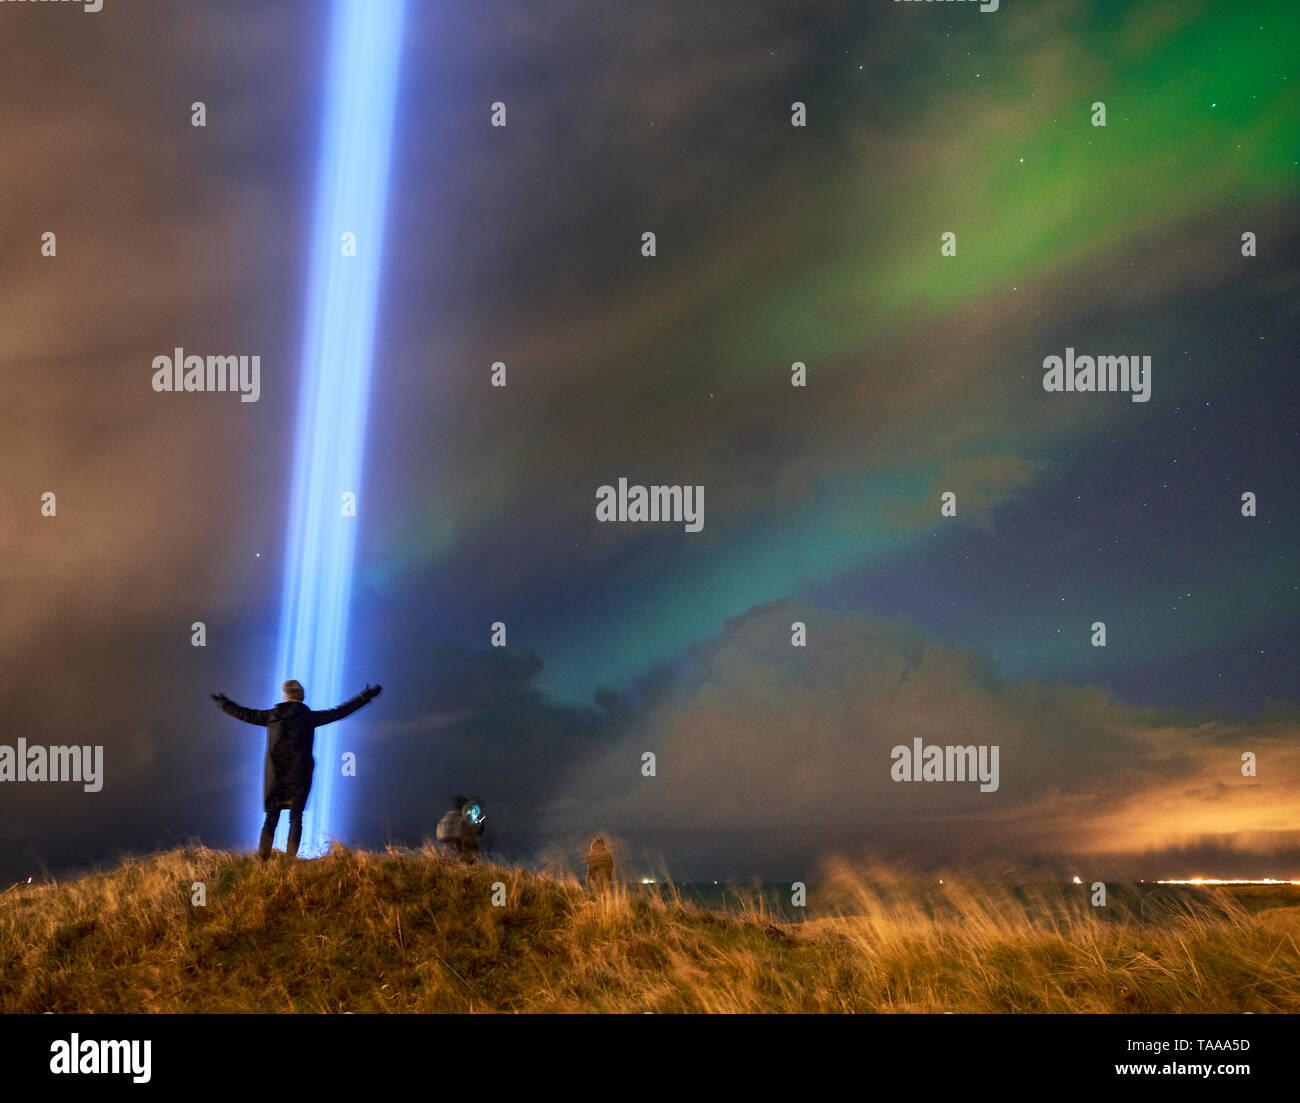 Imaginez la Tour de la paix, l'île Videy, Reykjavik, Islande Photo Stock